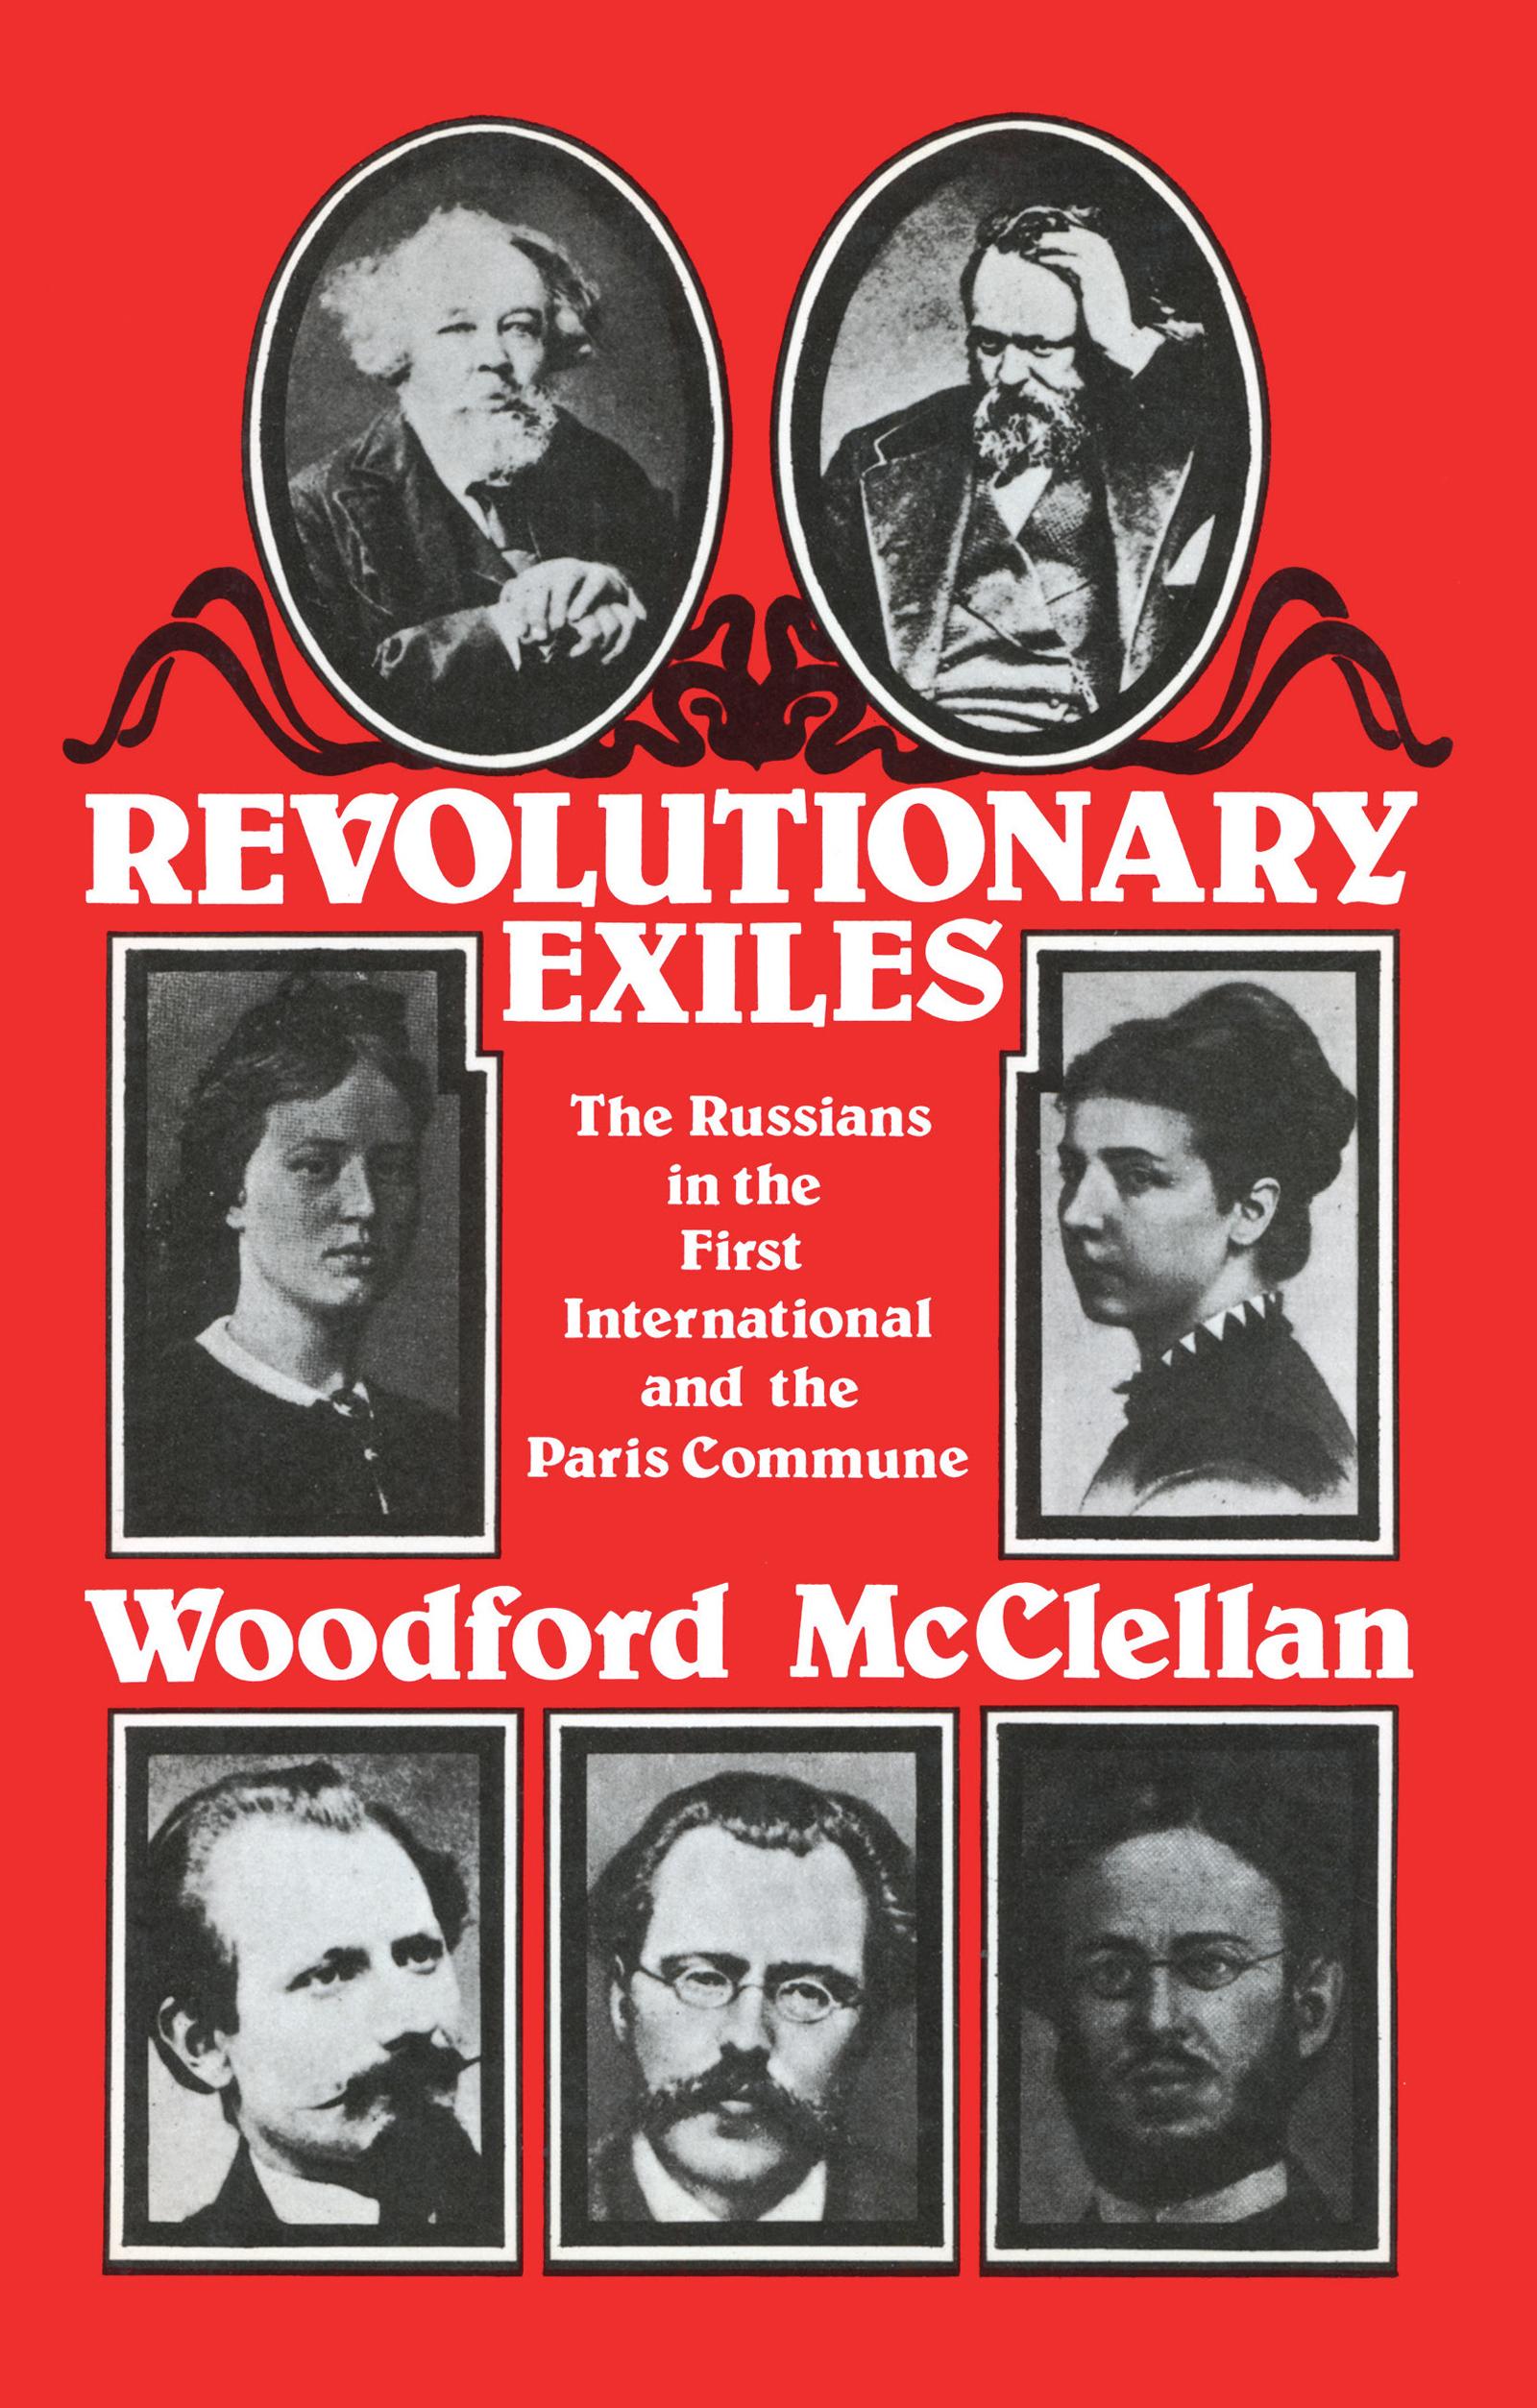 Revolutionary Exiles